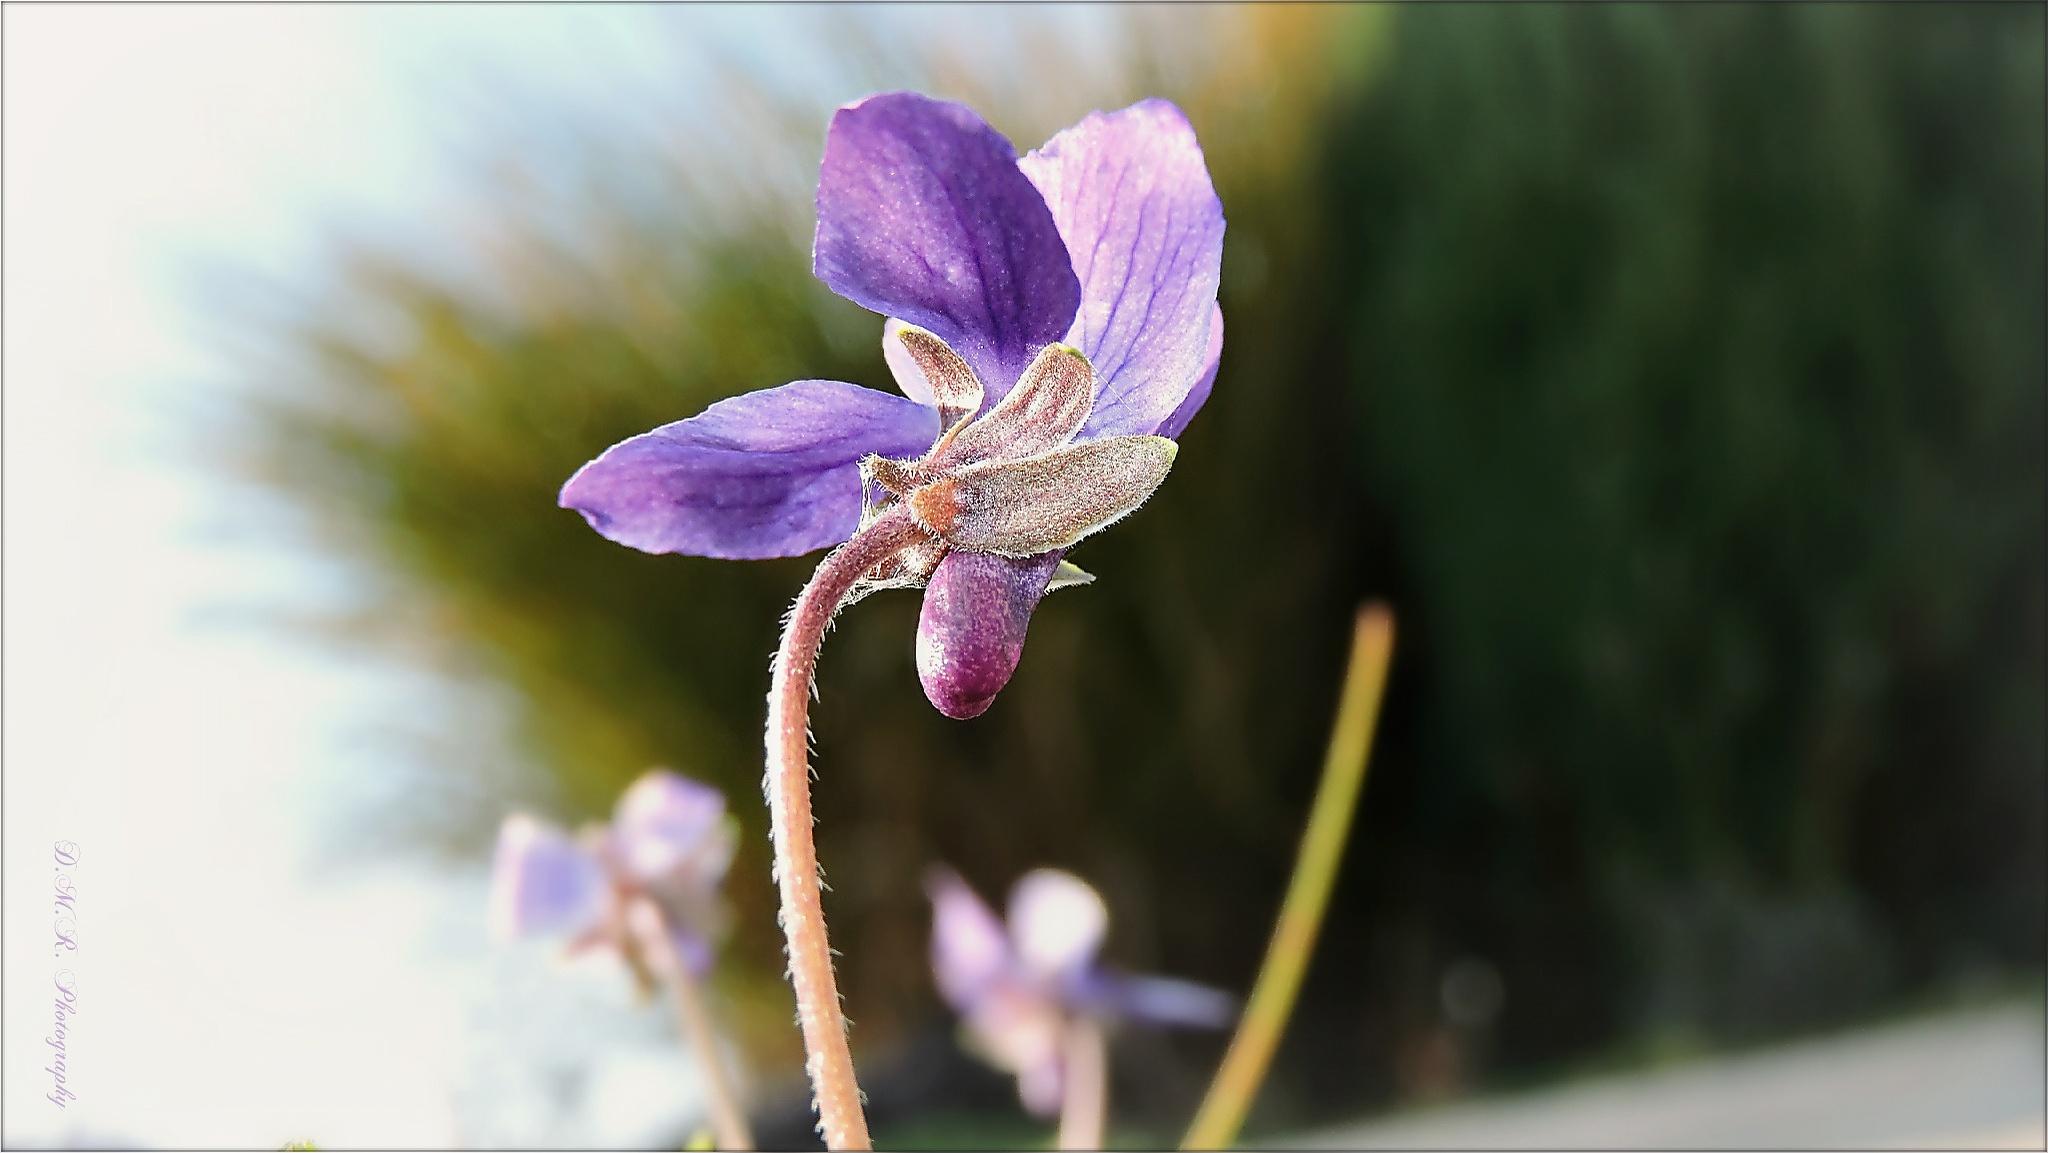 Viola sp. (flos) L. by Драгана М. Реџић